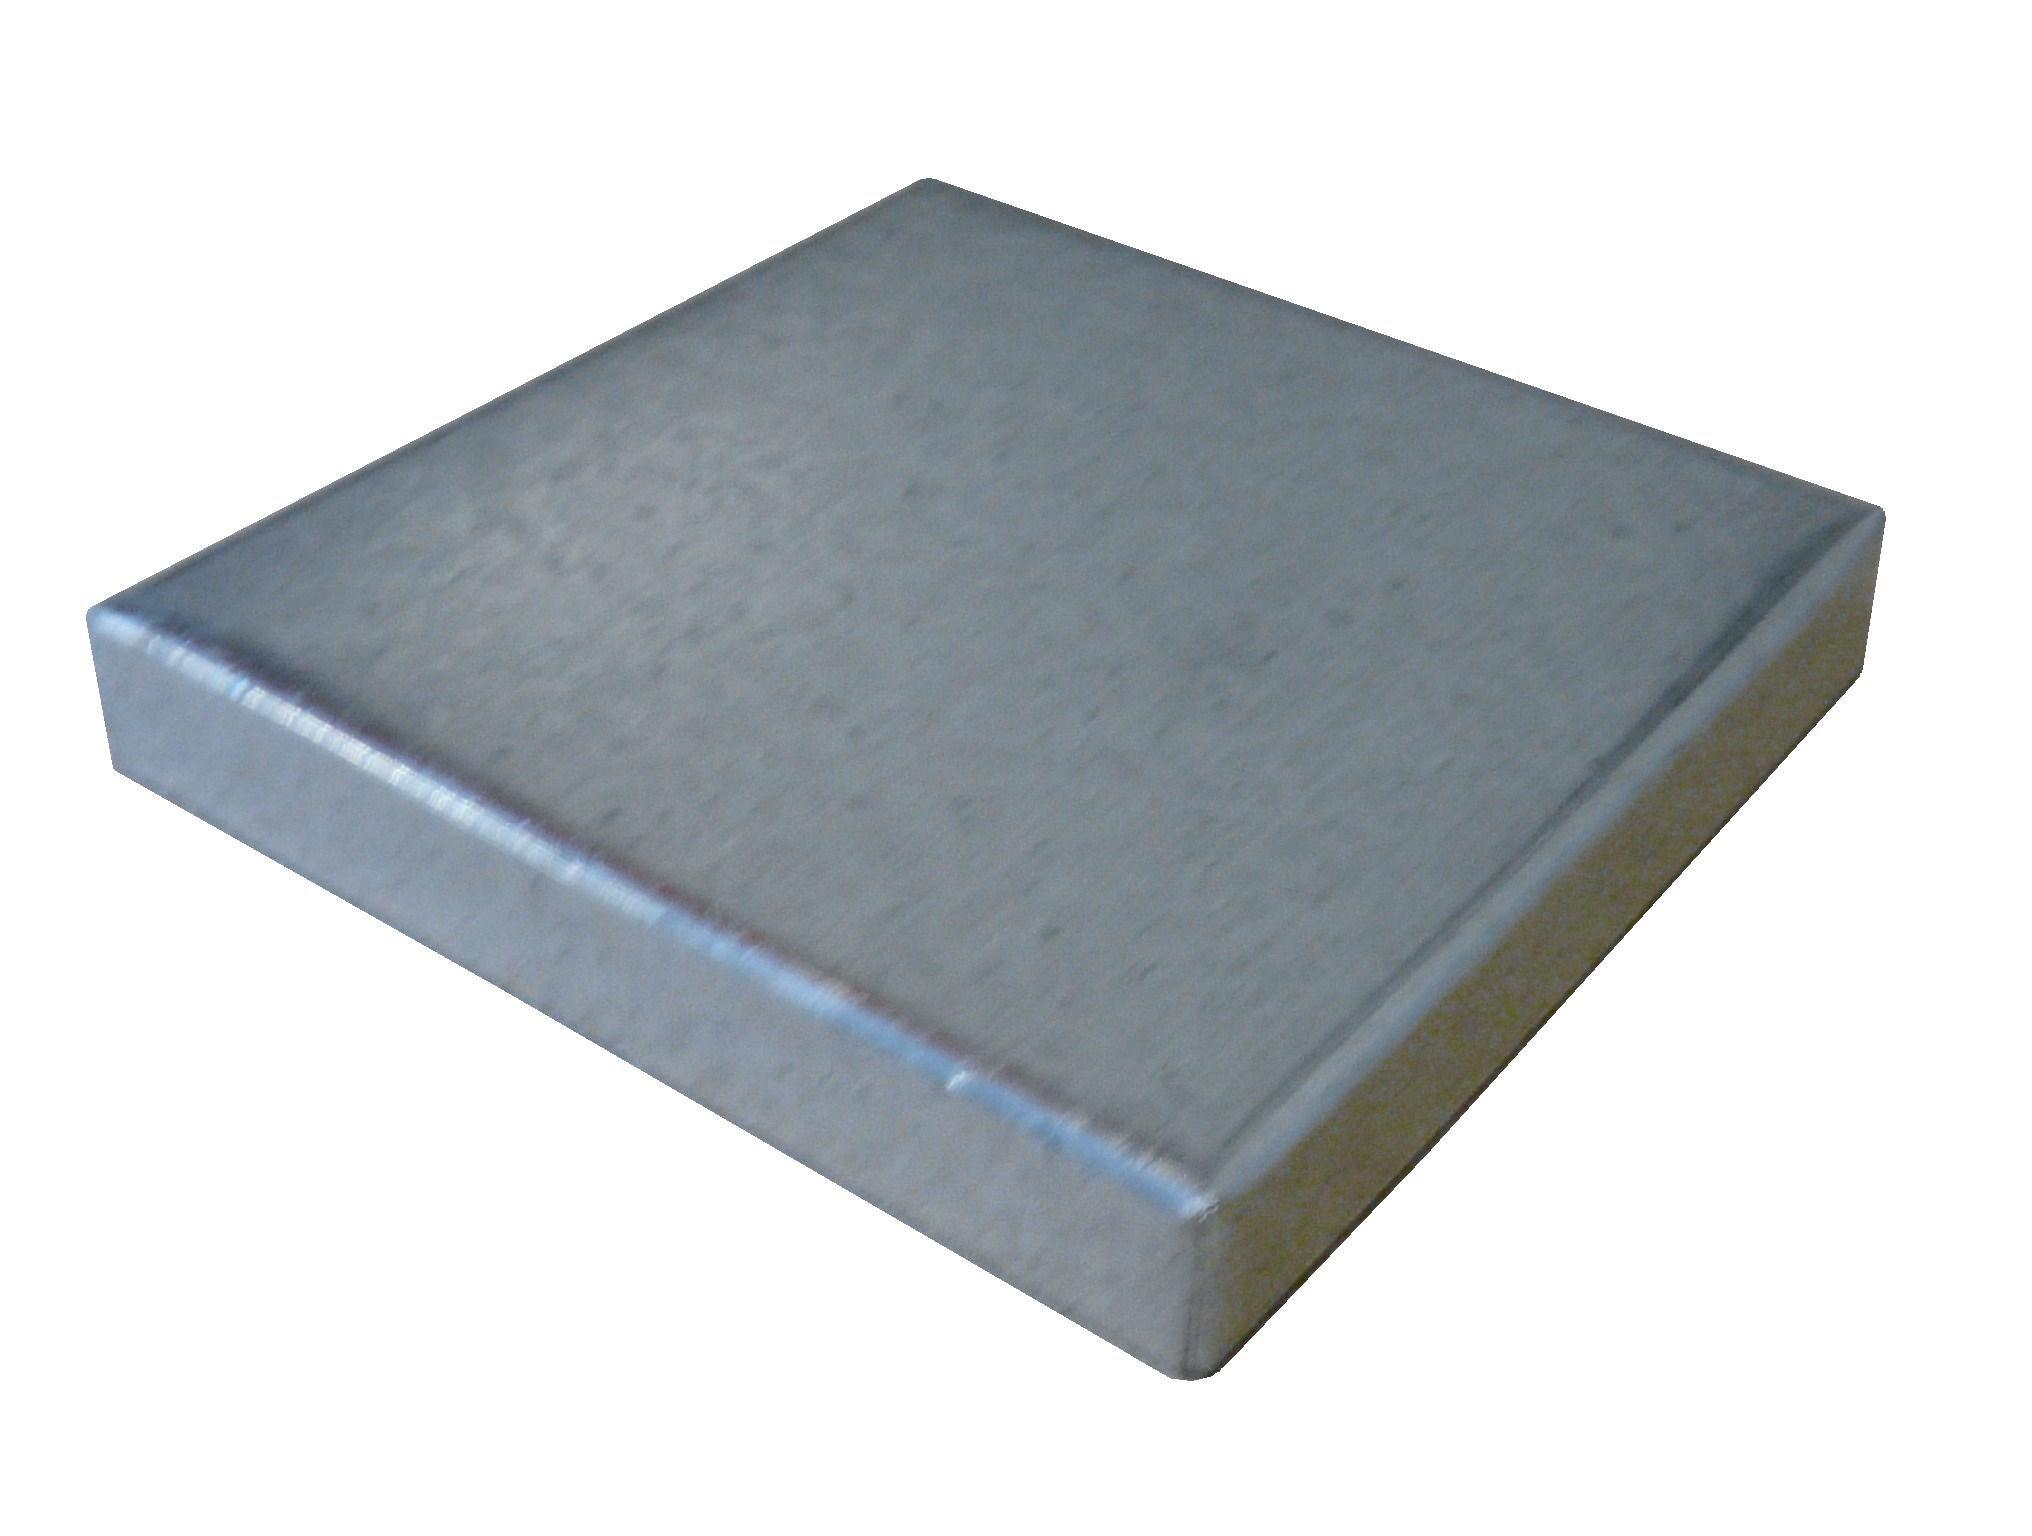 5 1/2'' X 5 1/2'' Low Profile Galvanized Post Cap